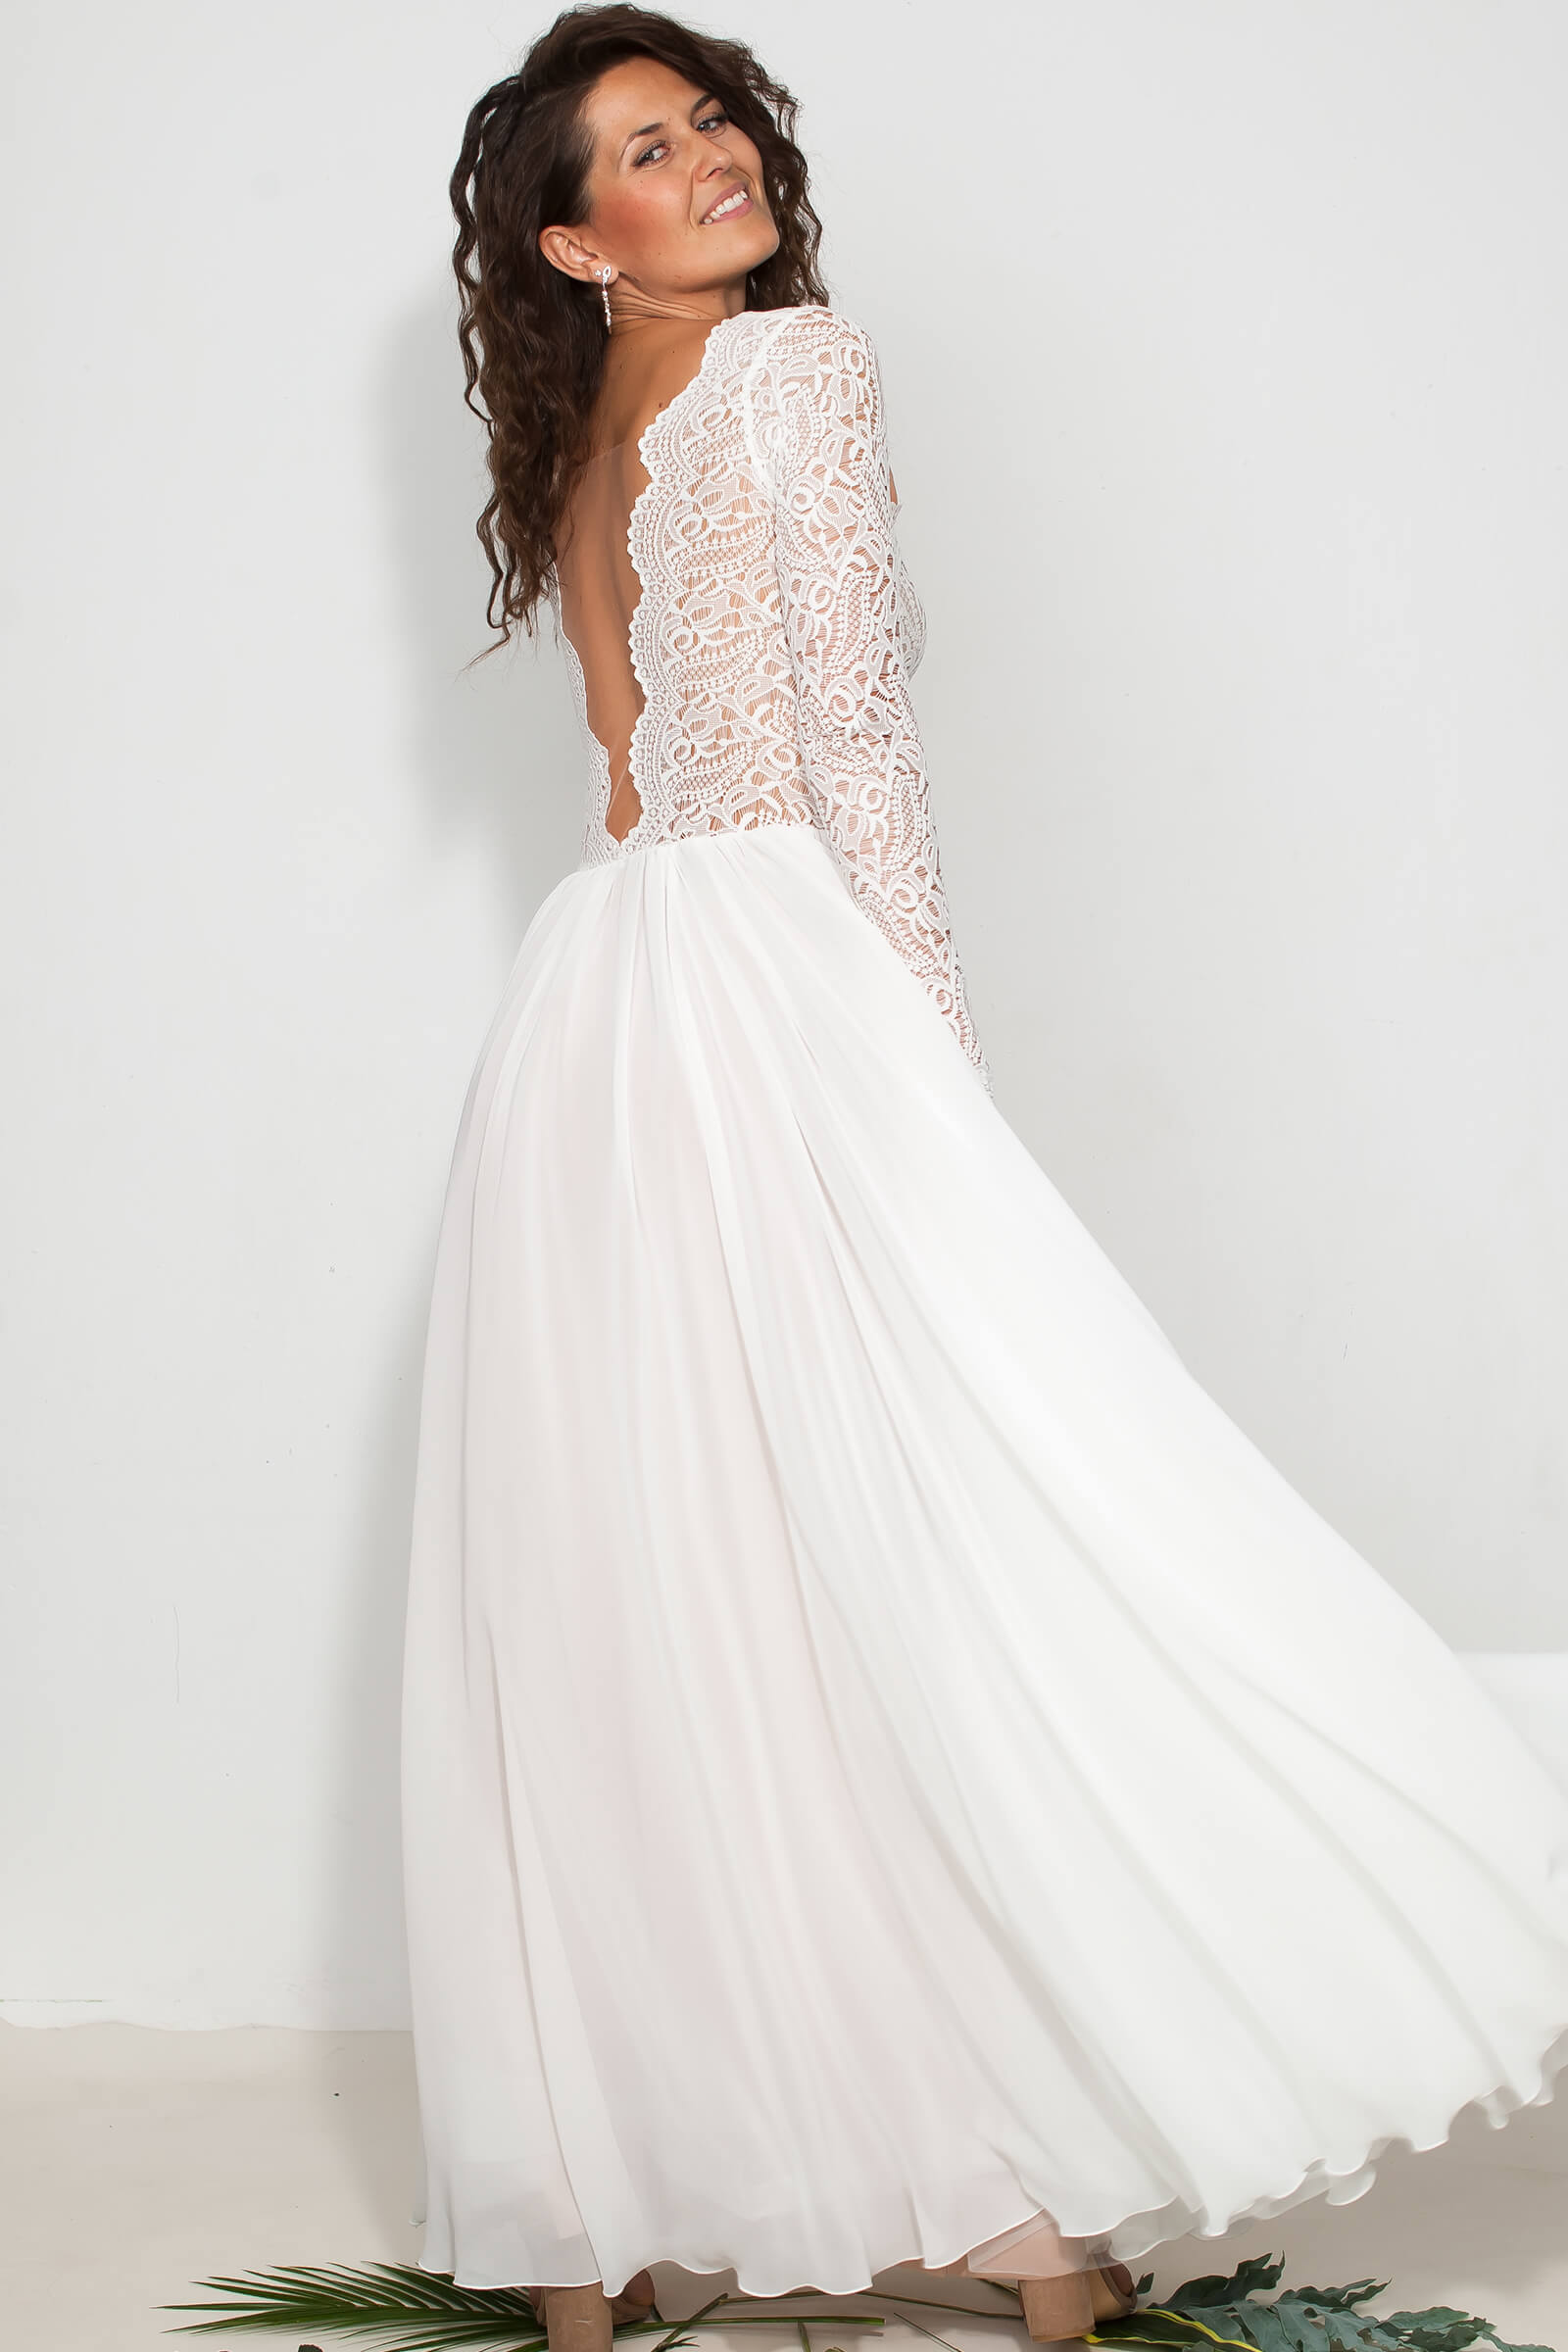 Skromna sukienka ślubna z szyfonem i głebokim dekoltem na plecach.